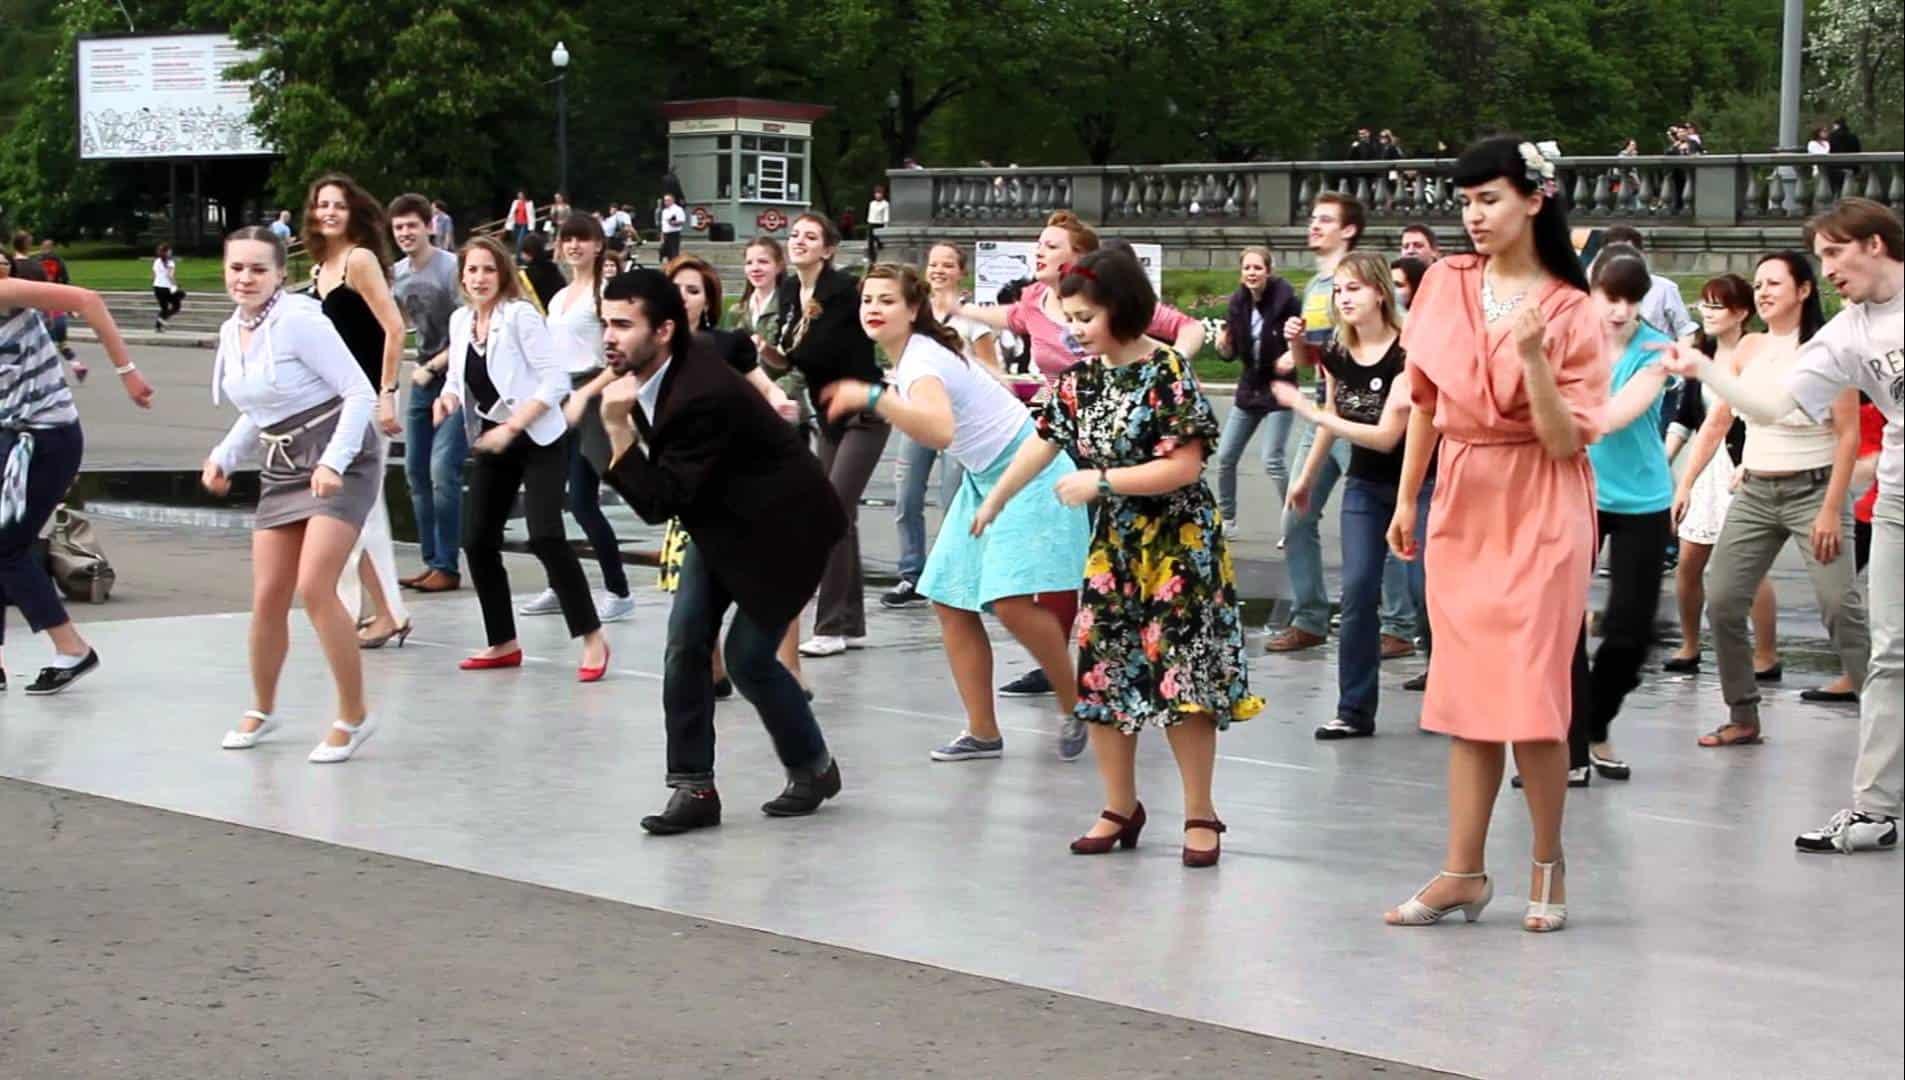 День танца в парке Горького День танца в парке Горького 03 12